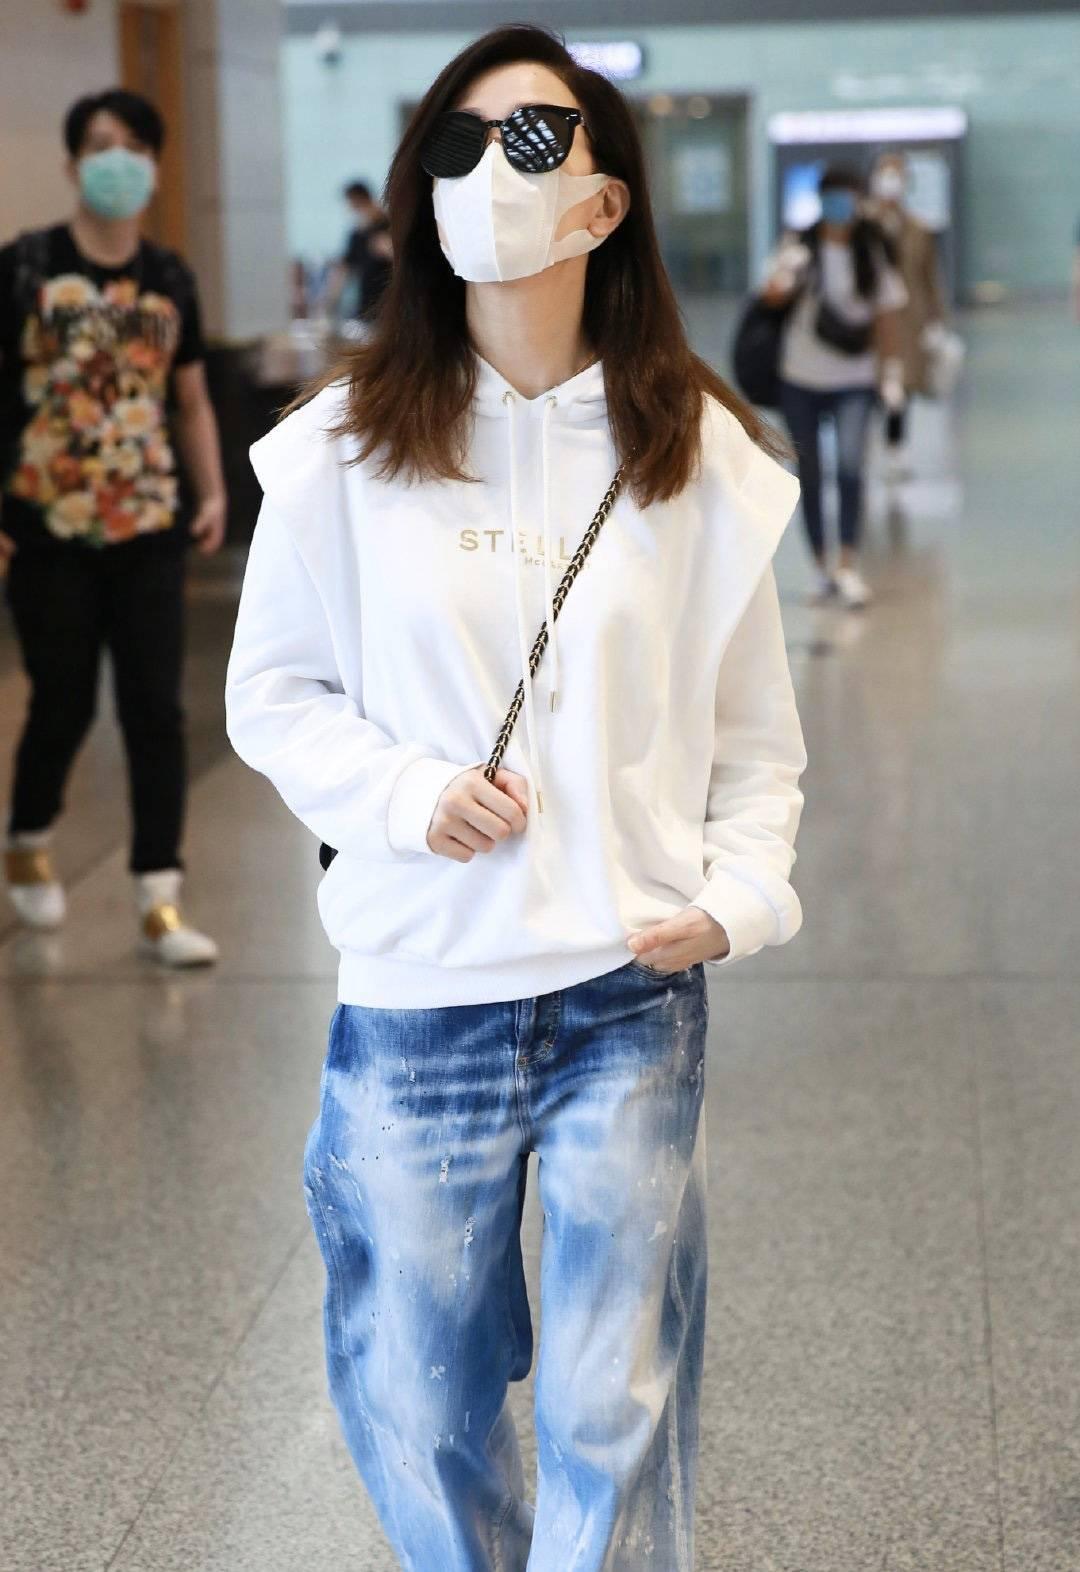 卫衣穿白色连帽卫衣配扎染牛仔裤,时髦感不像45岁佘诗曼现身机场